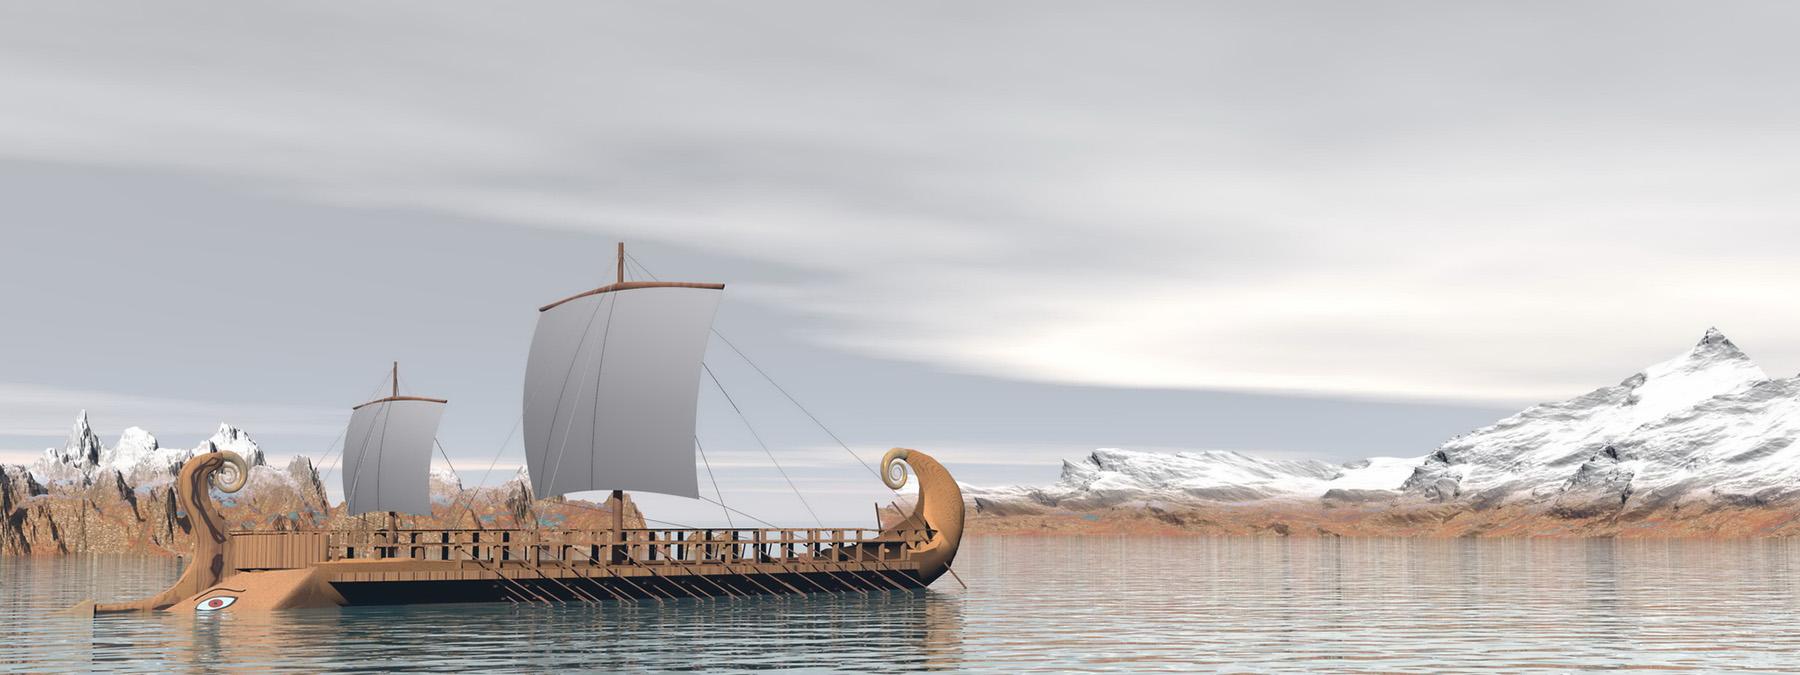 Возможно, Пифей обнаружил Исландию